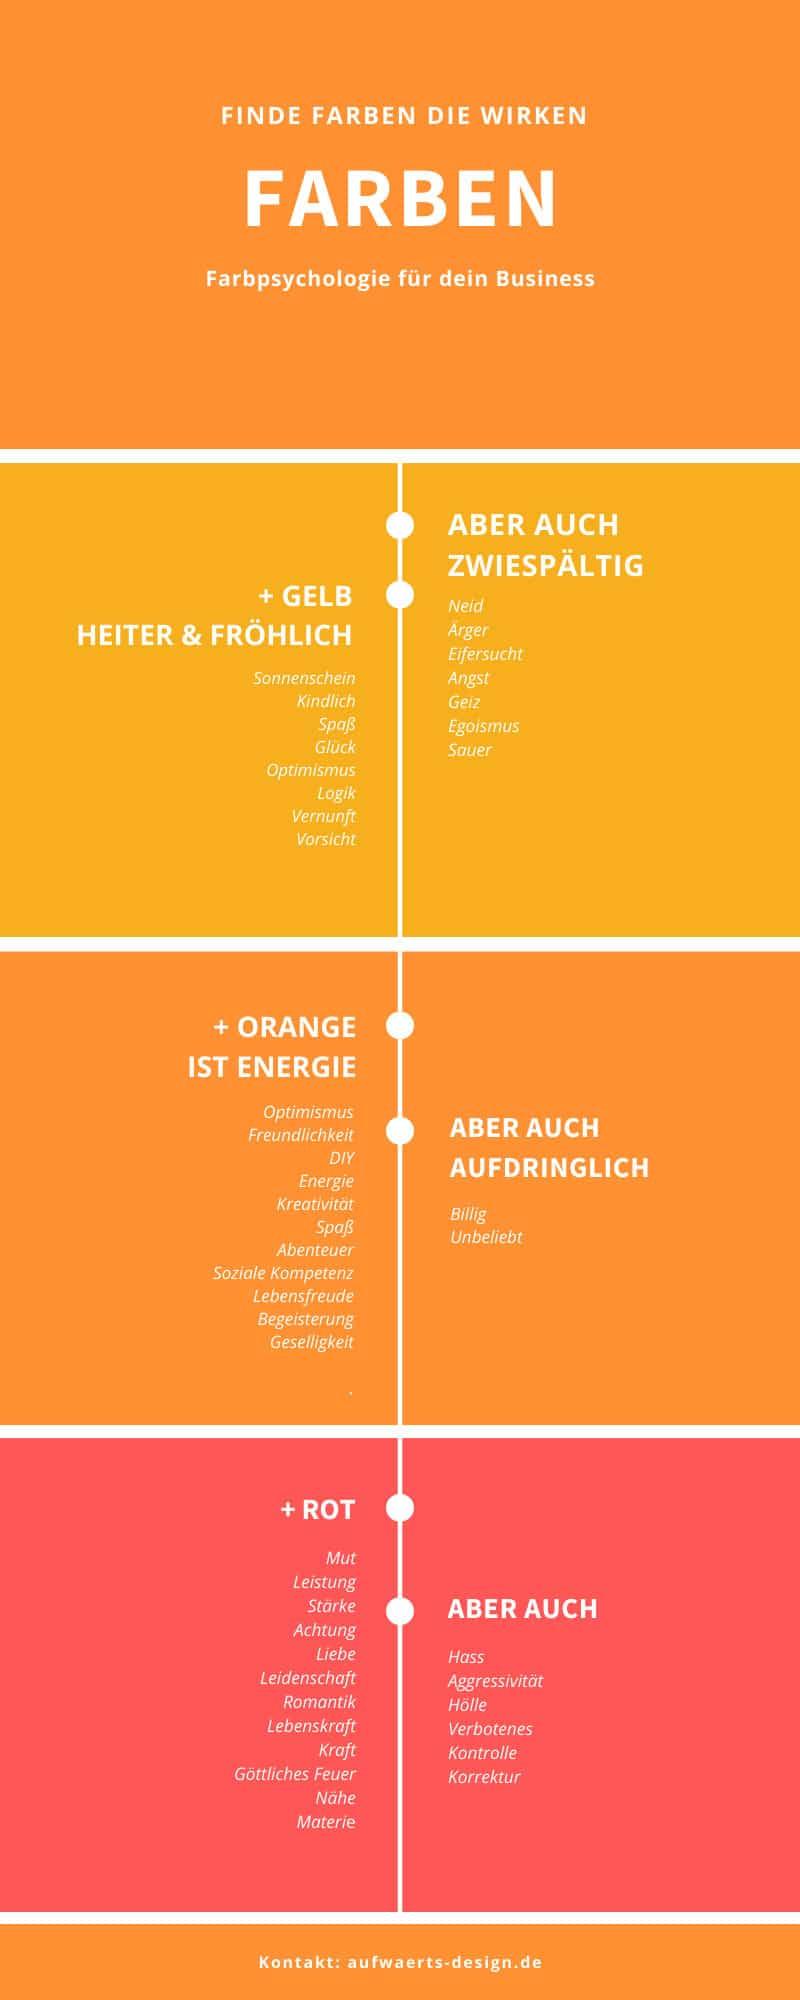 Farbpsychologie: So wirken Gelb, Orange und Rot.